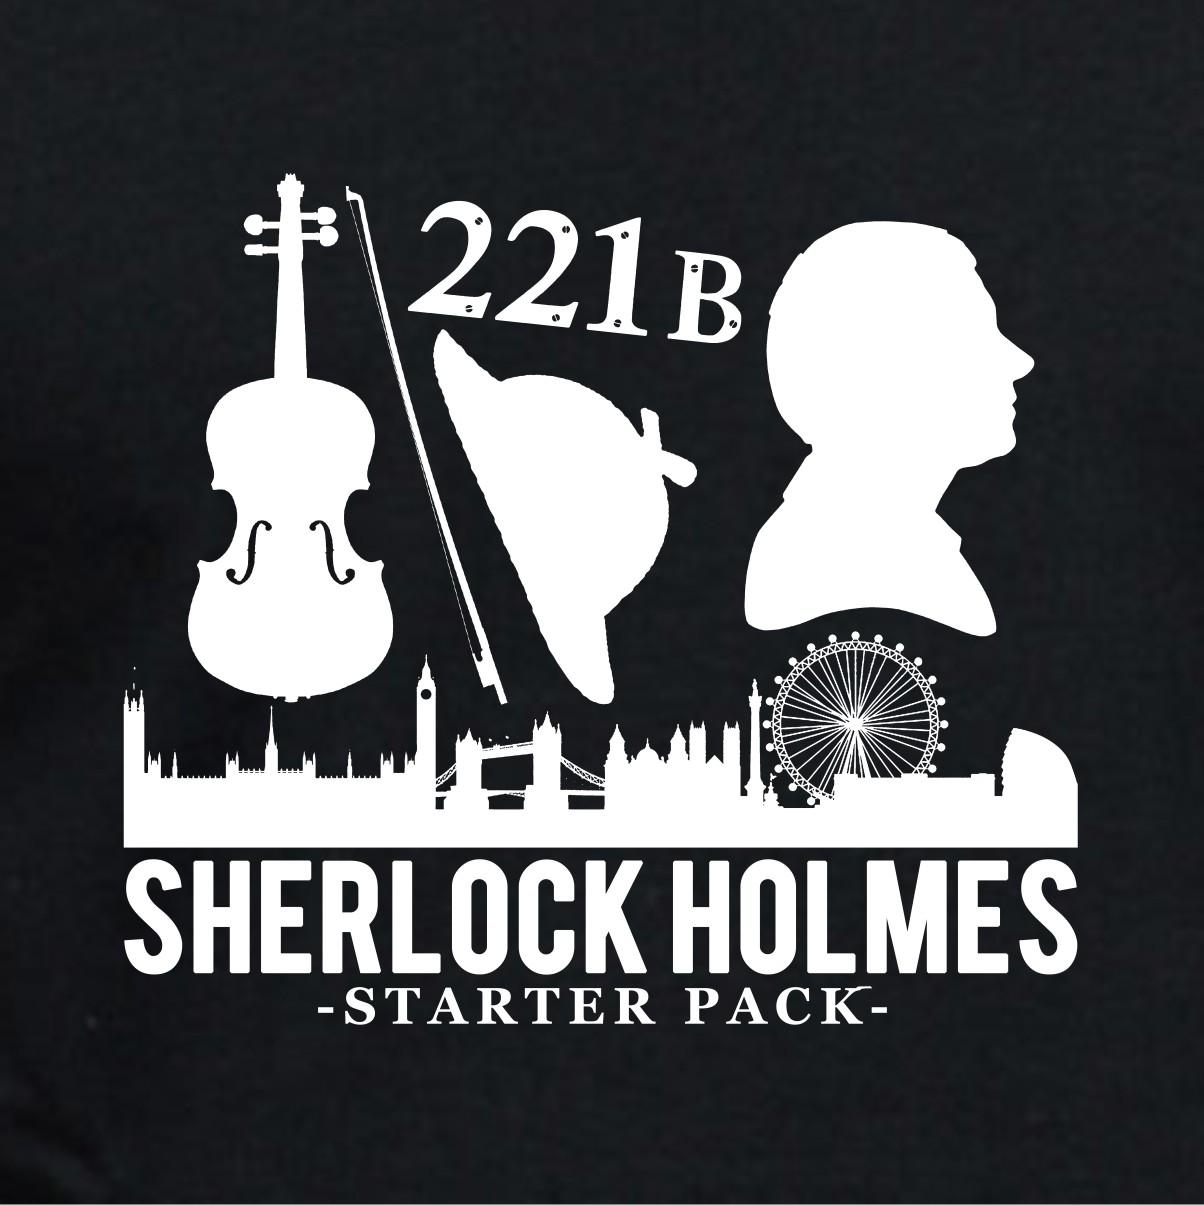 SHERLOCK HOLMES STARTER PACK